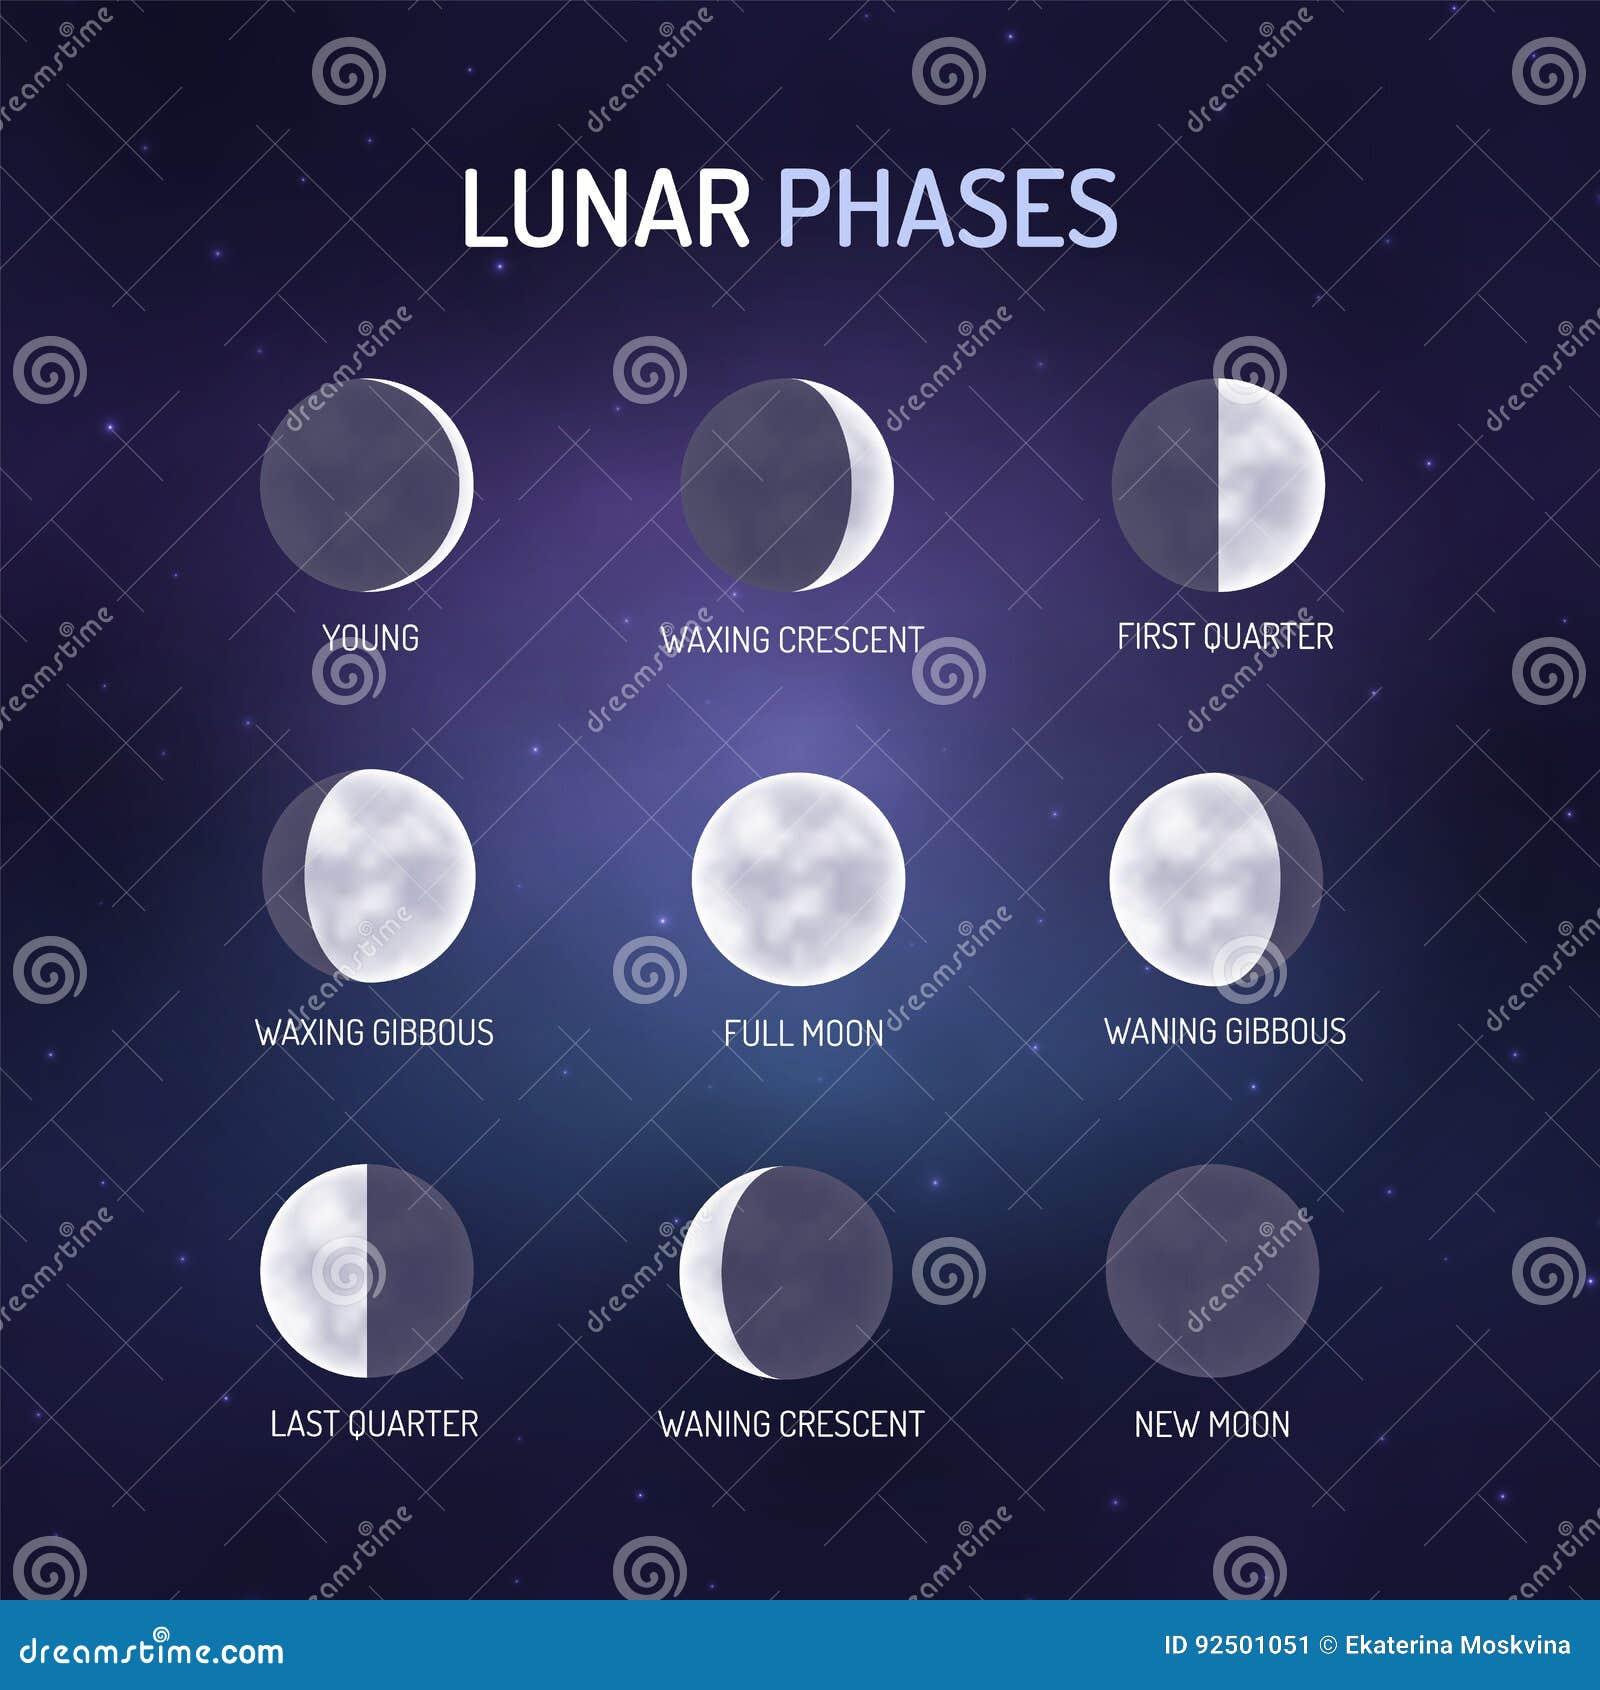 Знакомство фазы луны и